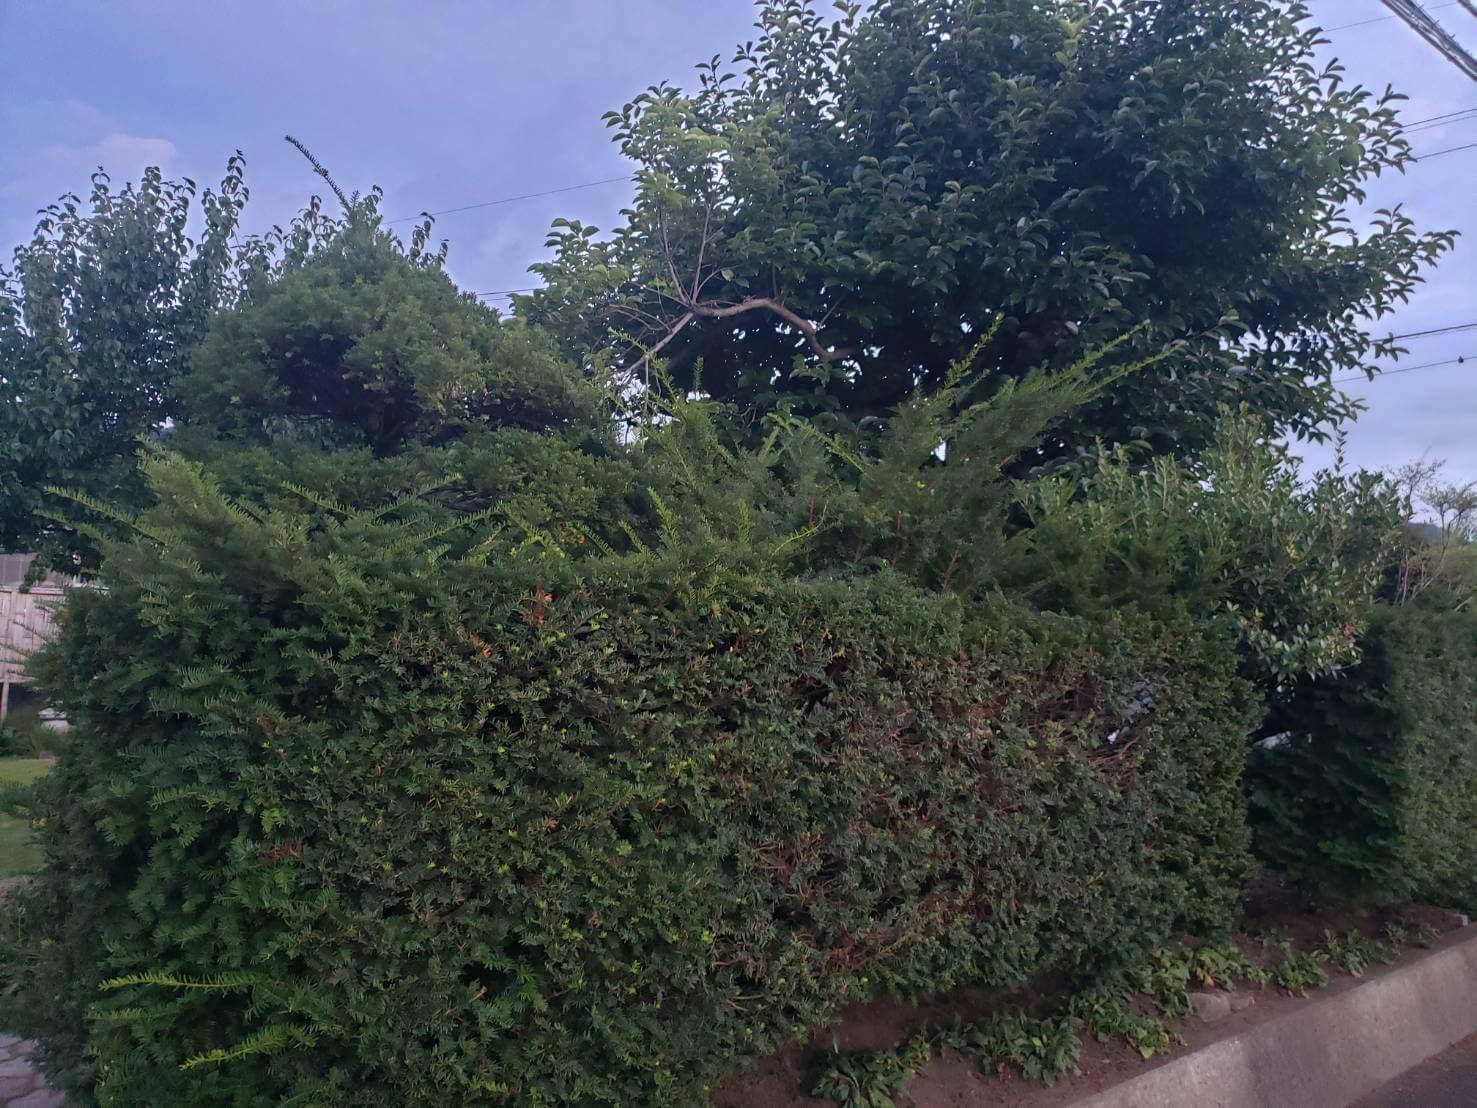 2020年8月30日:北信地域での草刈り・庭木の剪定4